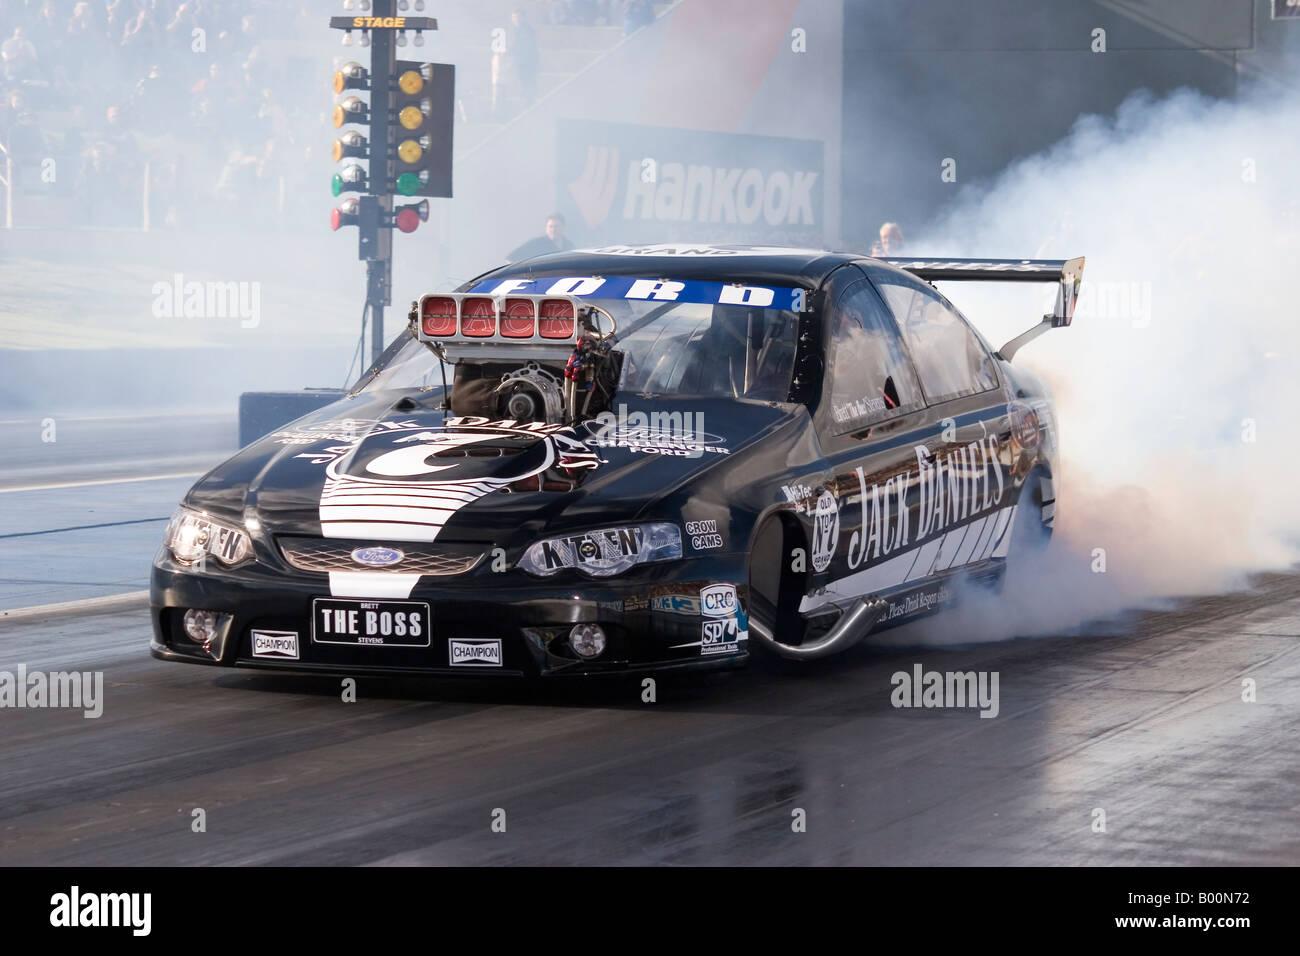 Brett Stevens leading Australian Top Doorslammer driver & Brett Stevens leading Australian Top Doorslammer driver Stock Photo ...